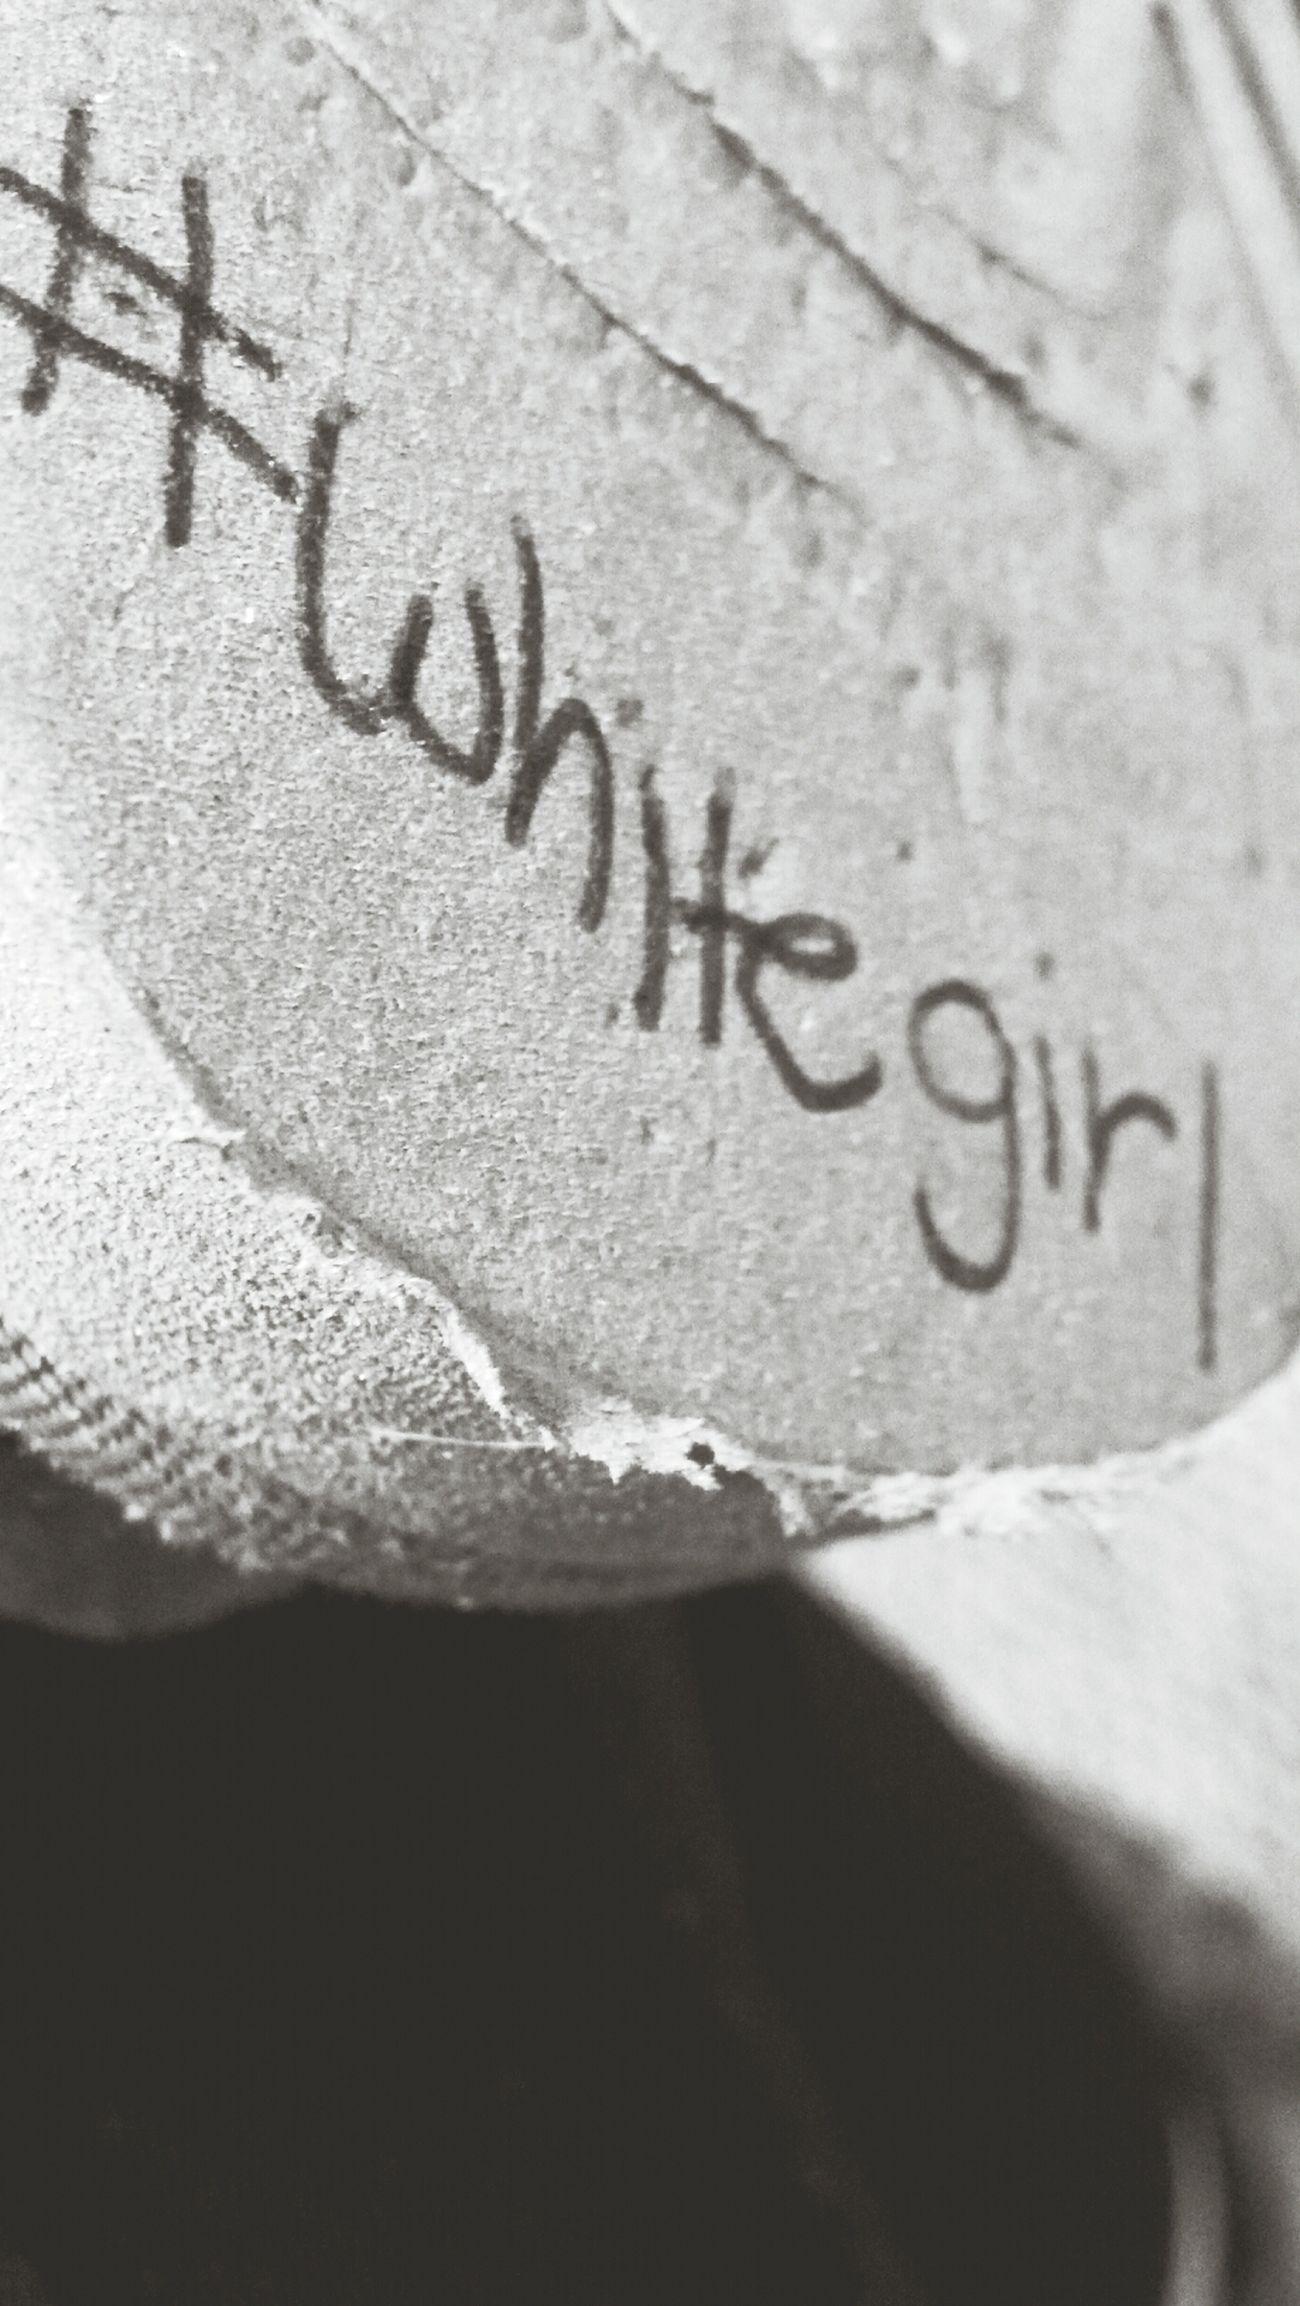 Whitegirl! Uggs